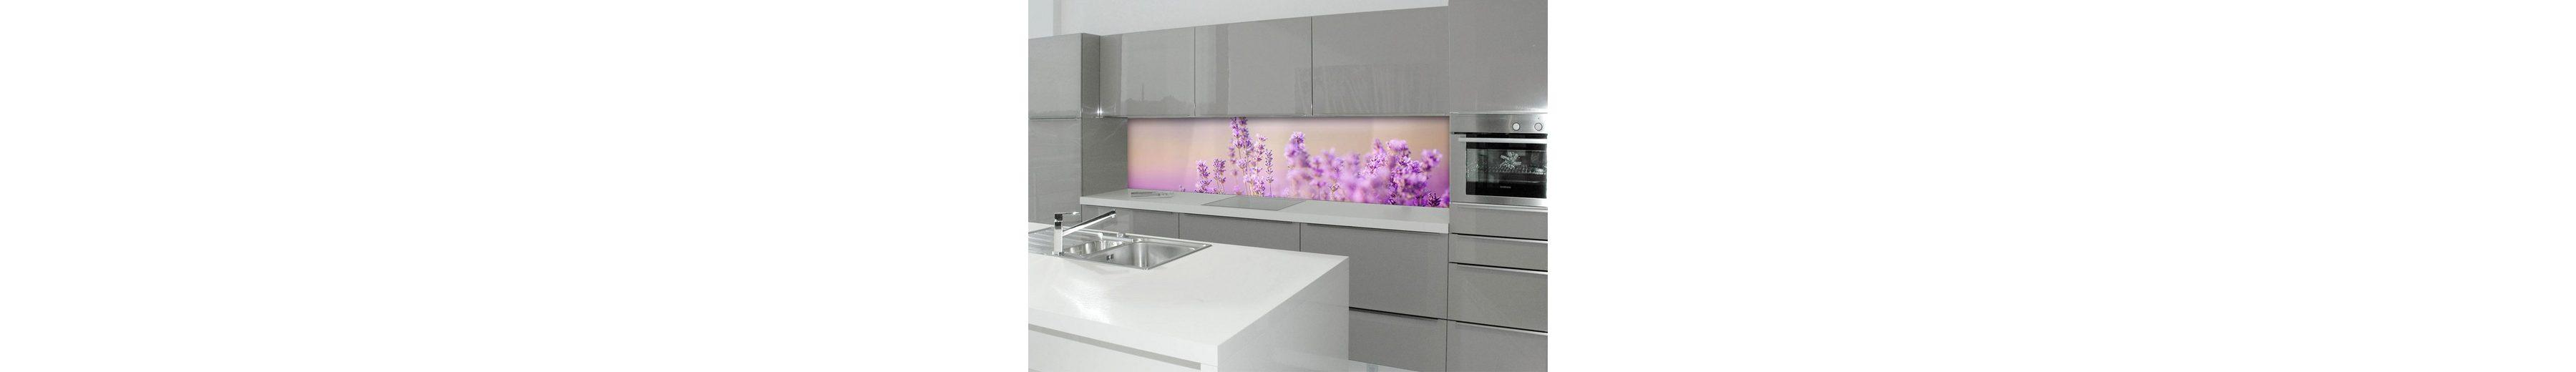 Küchenrückwand - Spritzschutz »profix«, Lavendelfeld, 220x60 cm